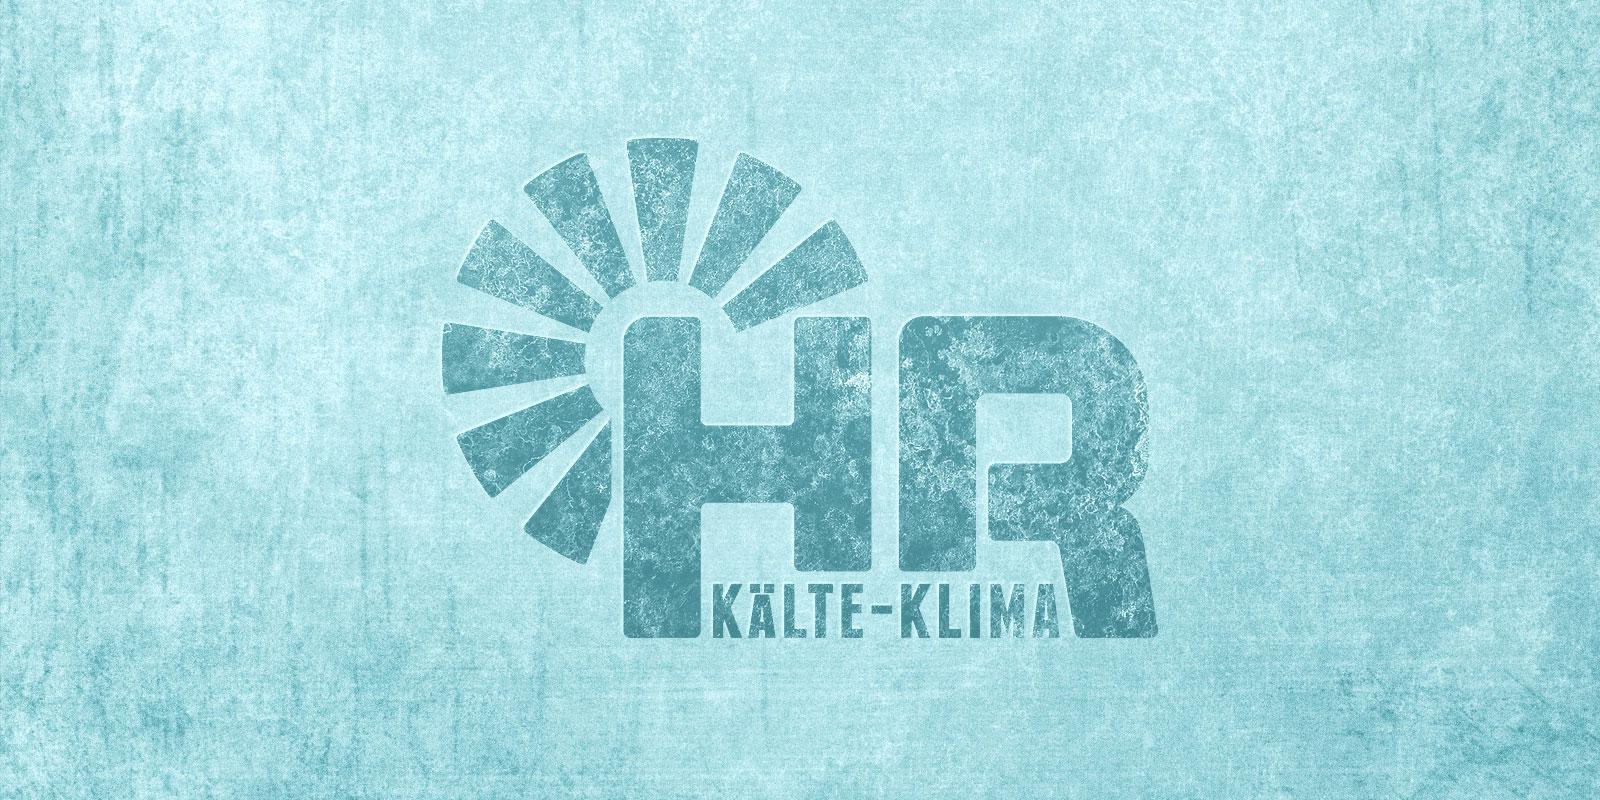 HR Kälteklima Logo auf gefrorenem Hintergrund